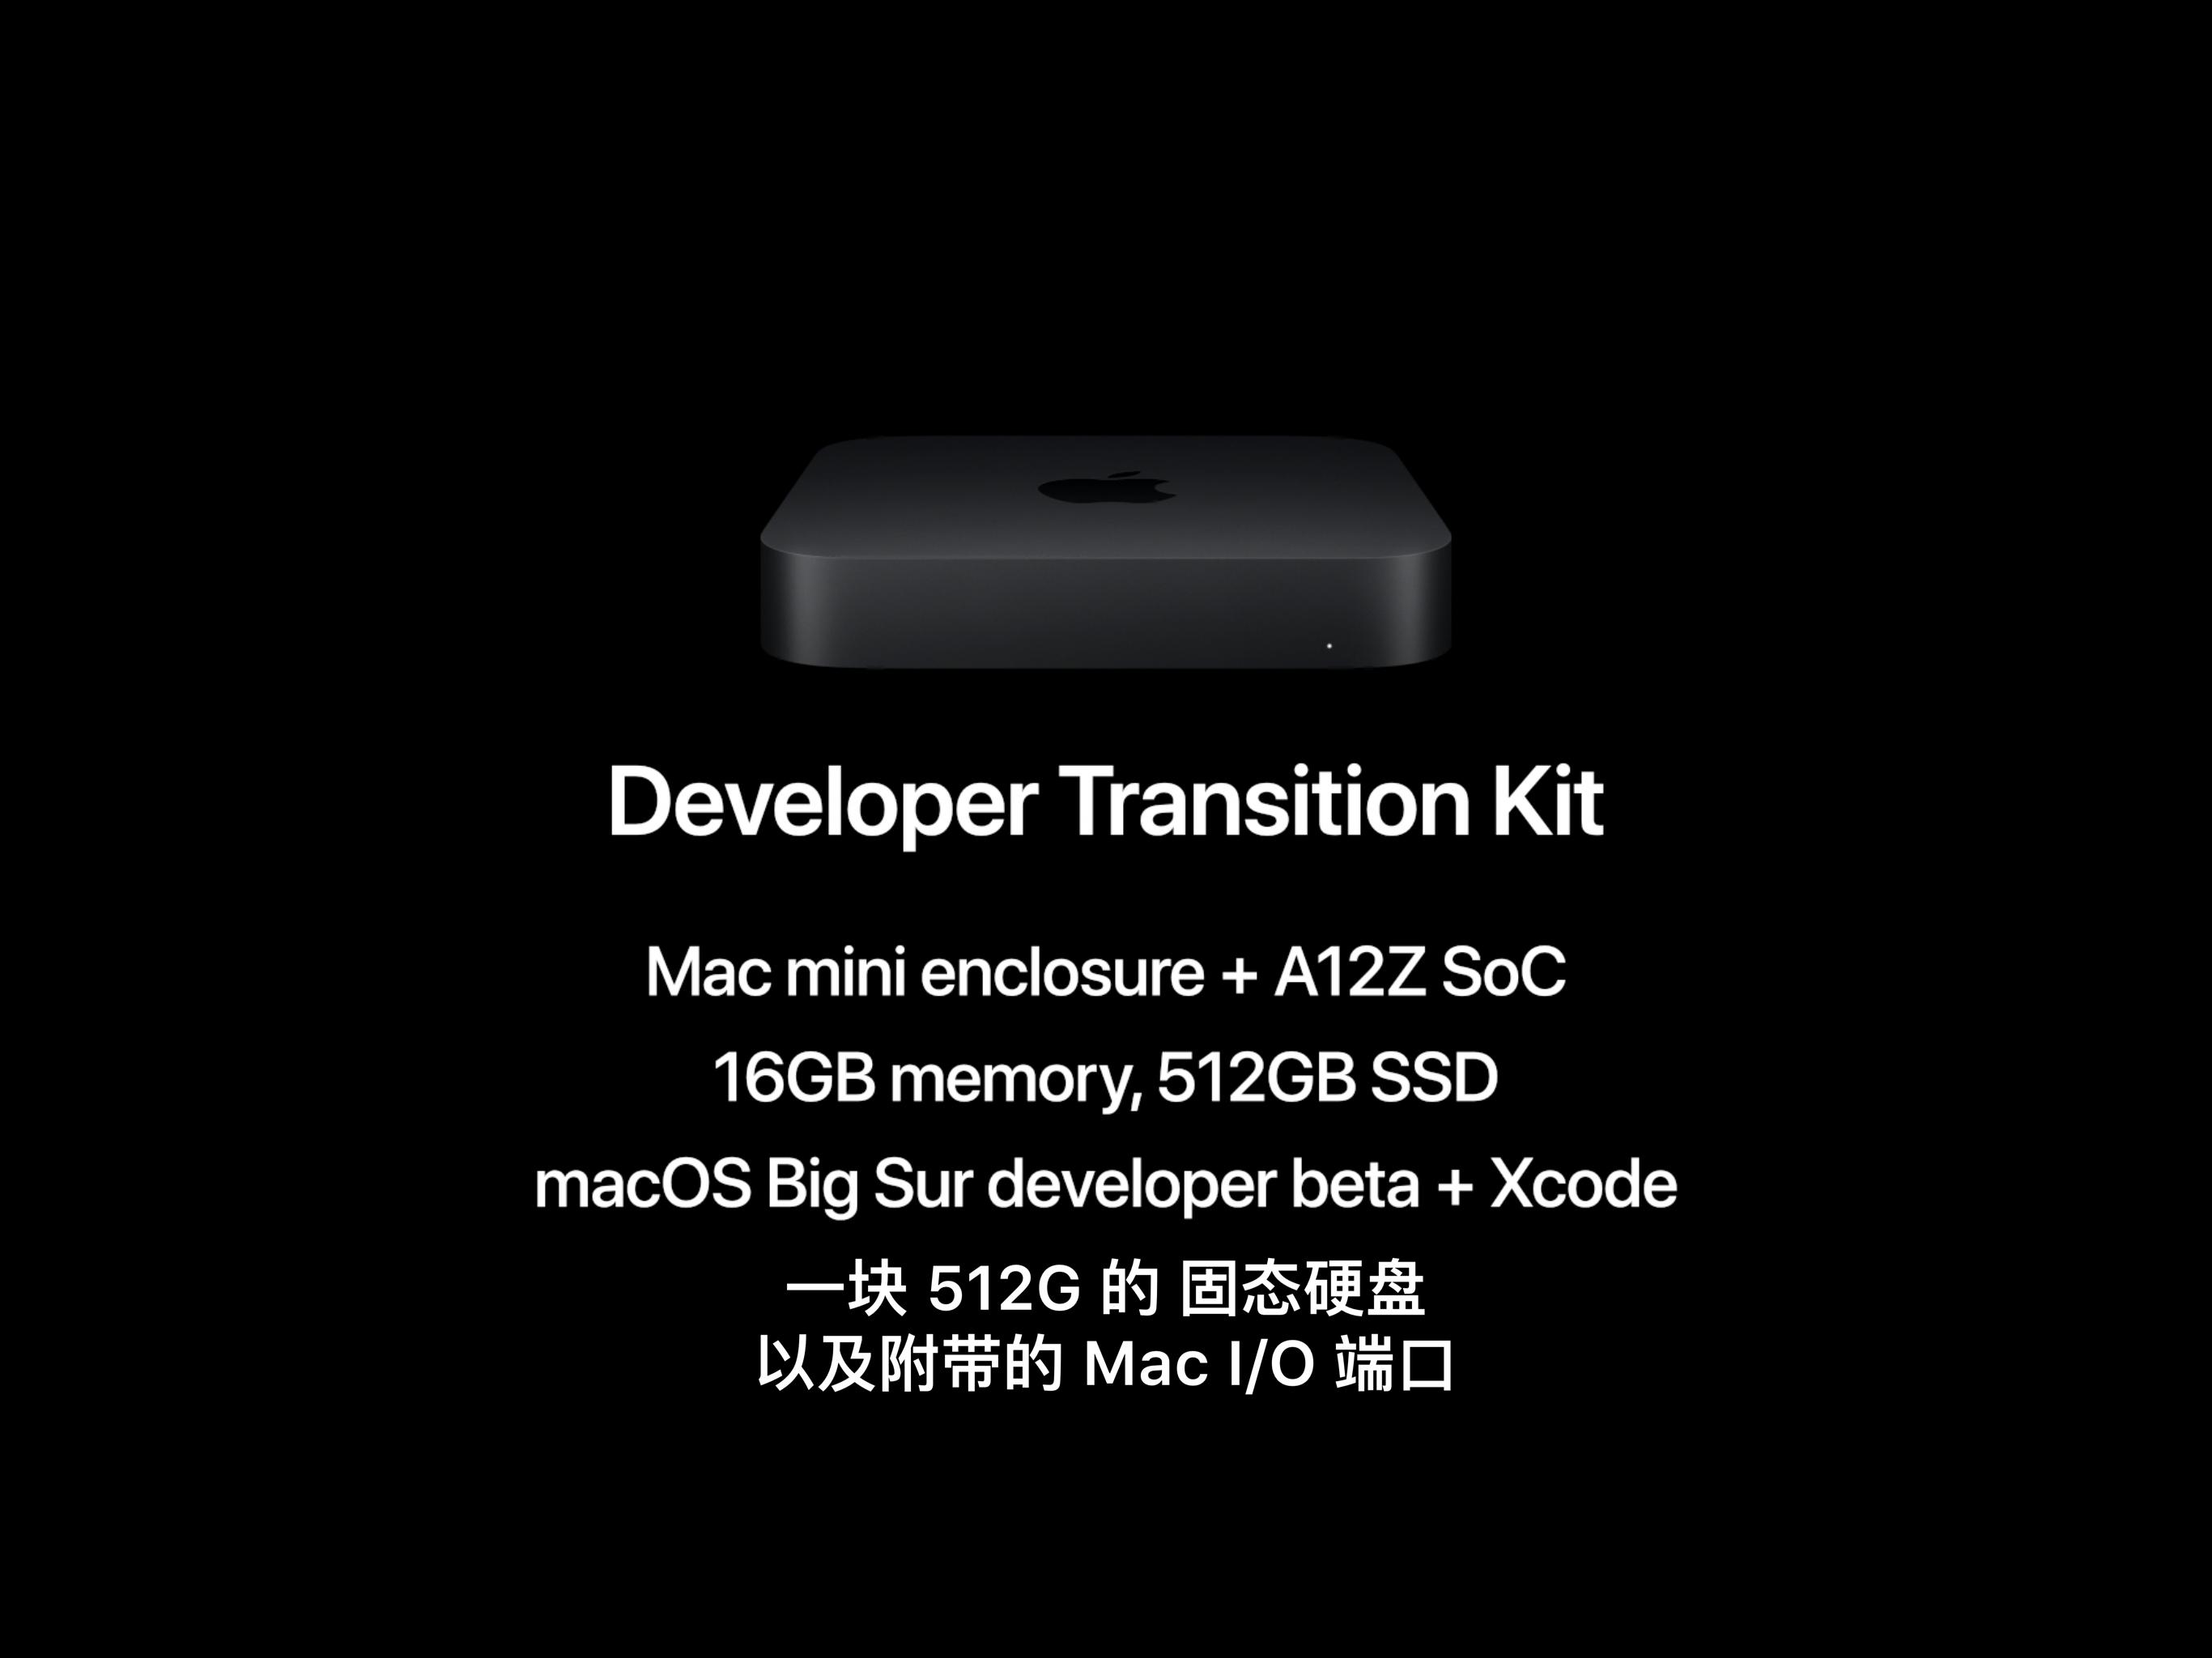 载入史册:苹果宣布自研芯片 地表最强A12Z芯片已可运行mac软件